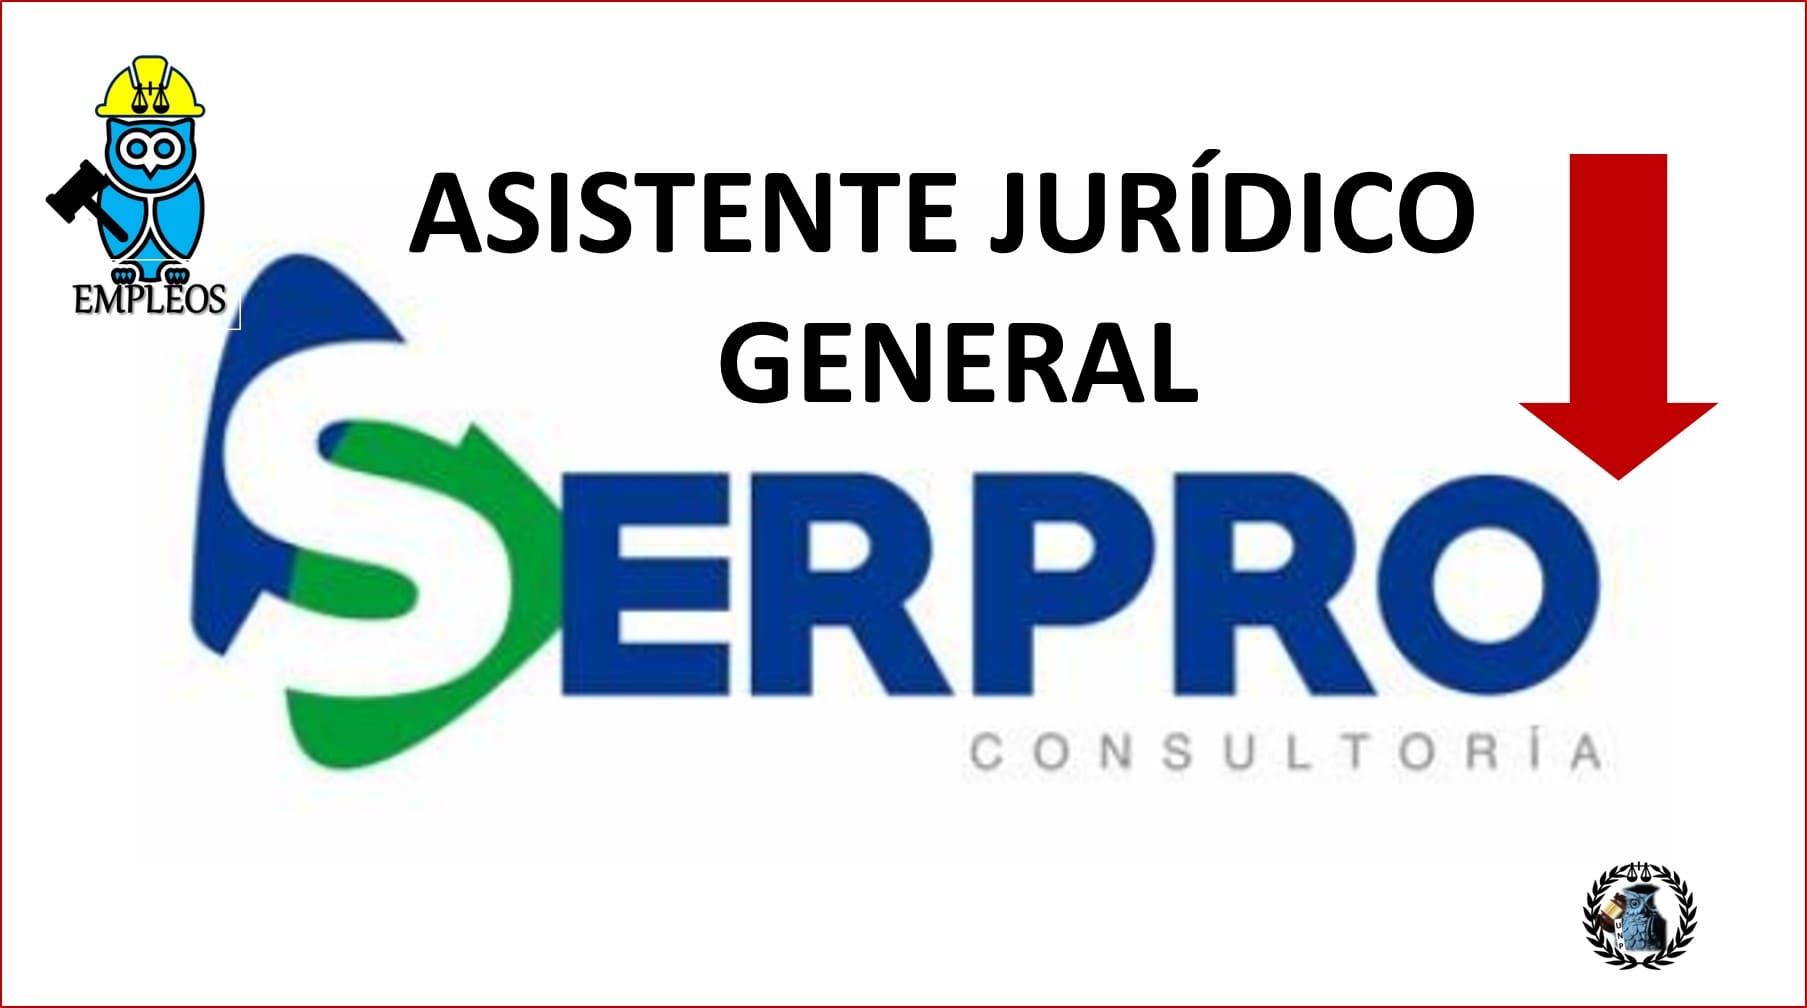 Photo of Asistente Jurídico General en Puebla